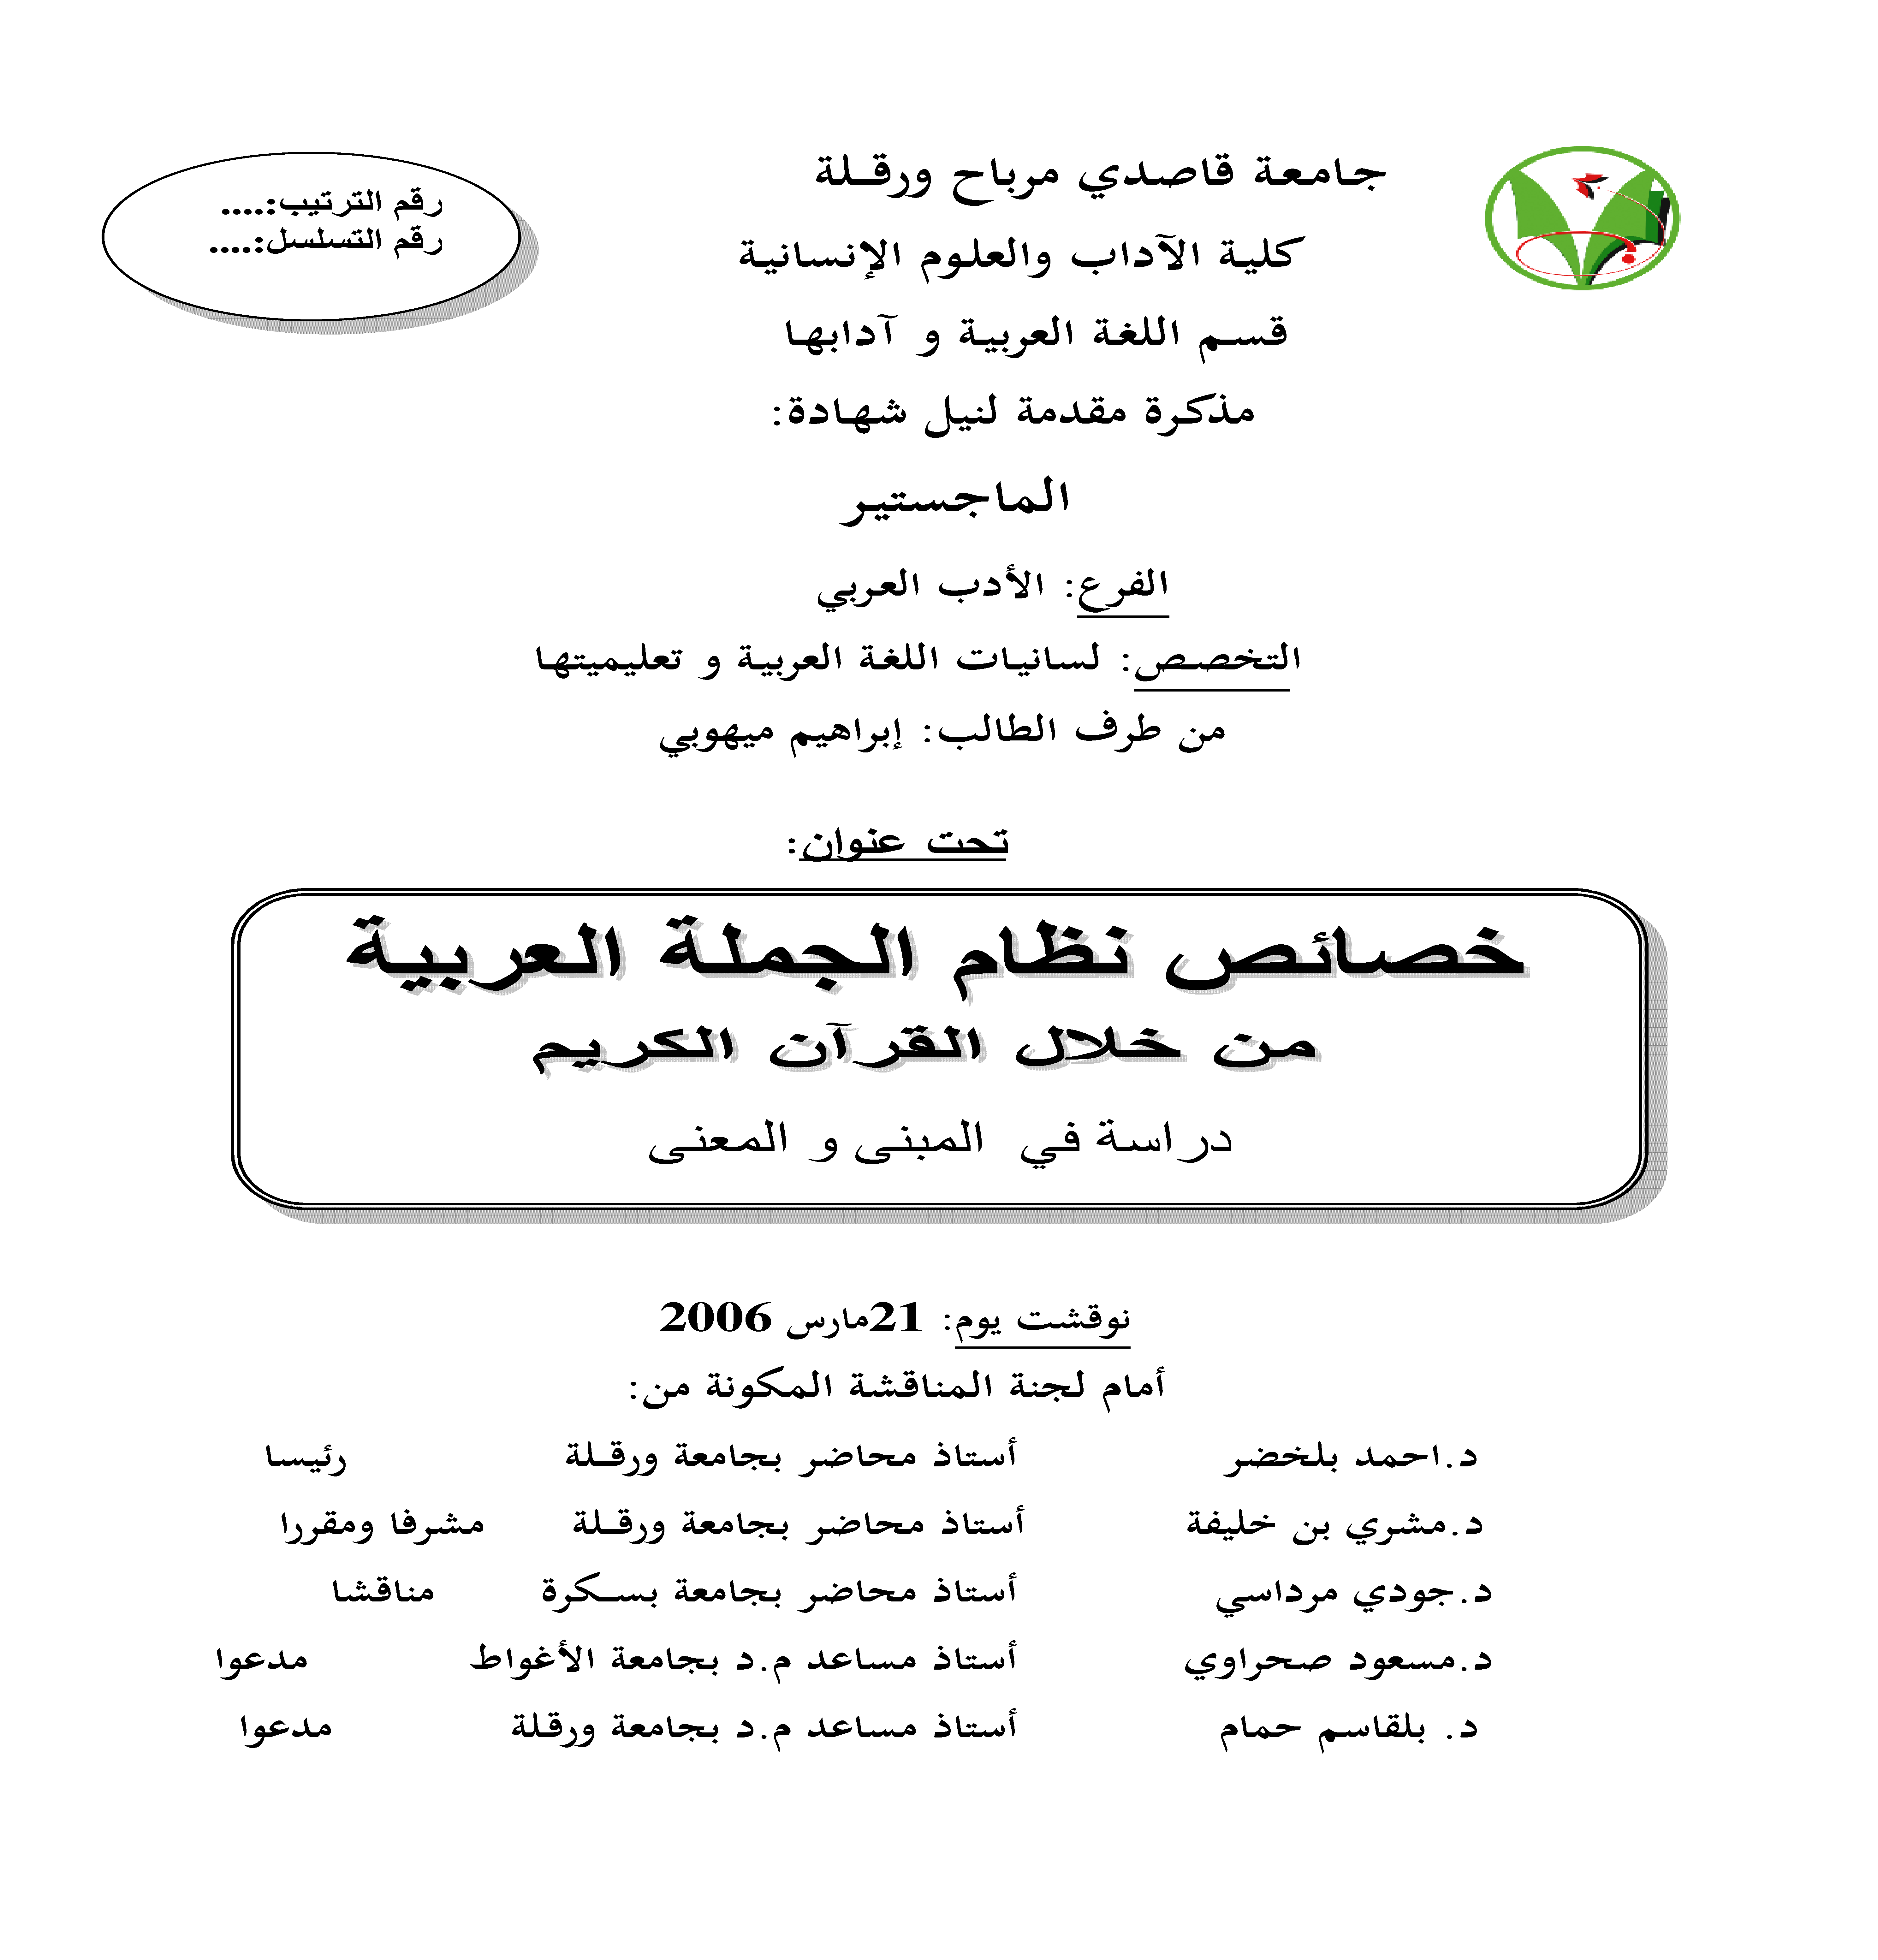 خصائص نظام الجملة العربية من خلال القرآن الكريم (دراسة في المبنى والمعنى) - إبراهيم ميهوبي